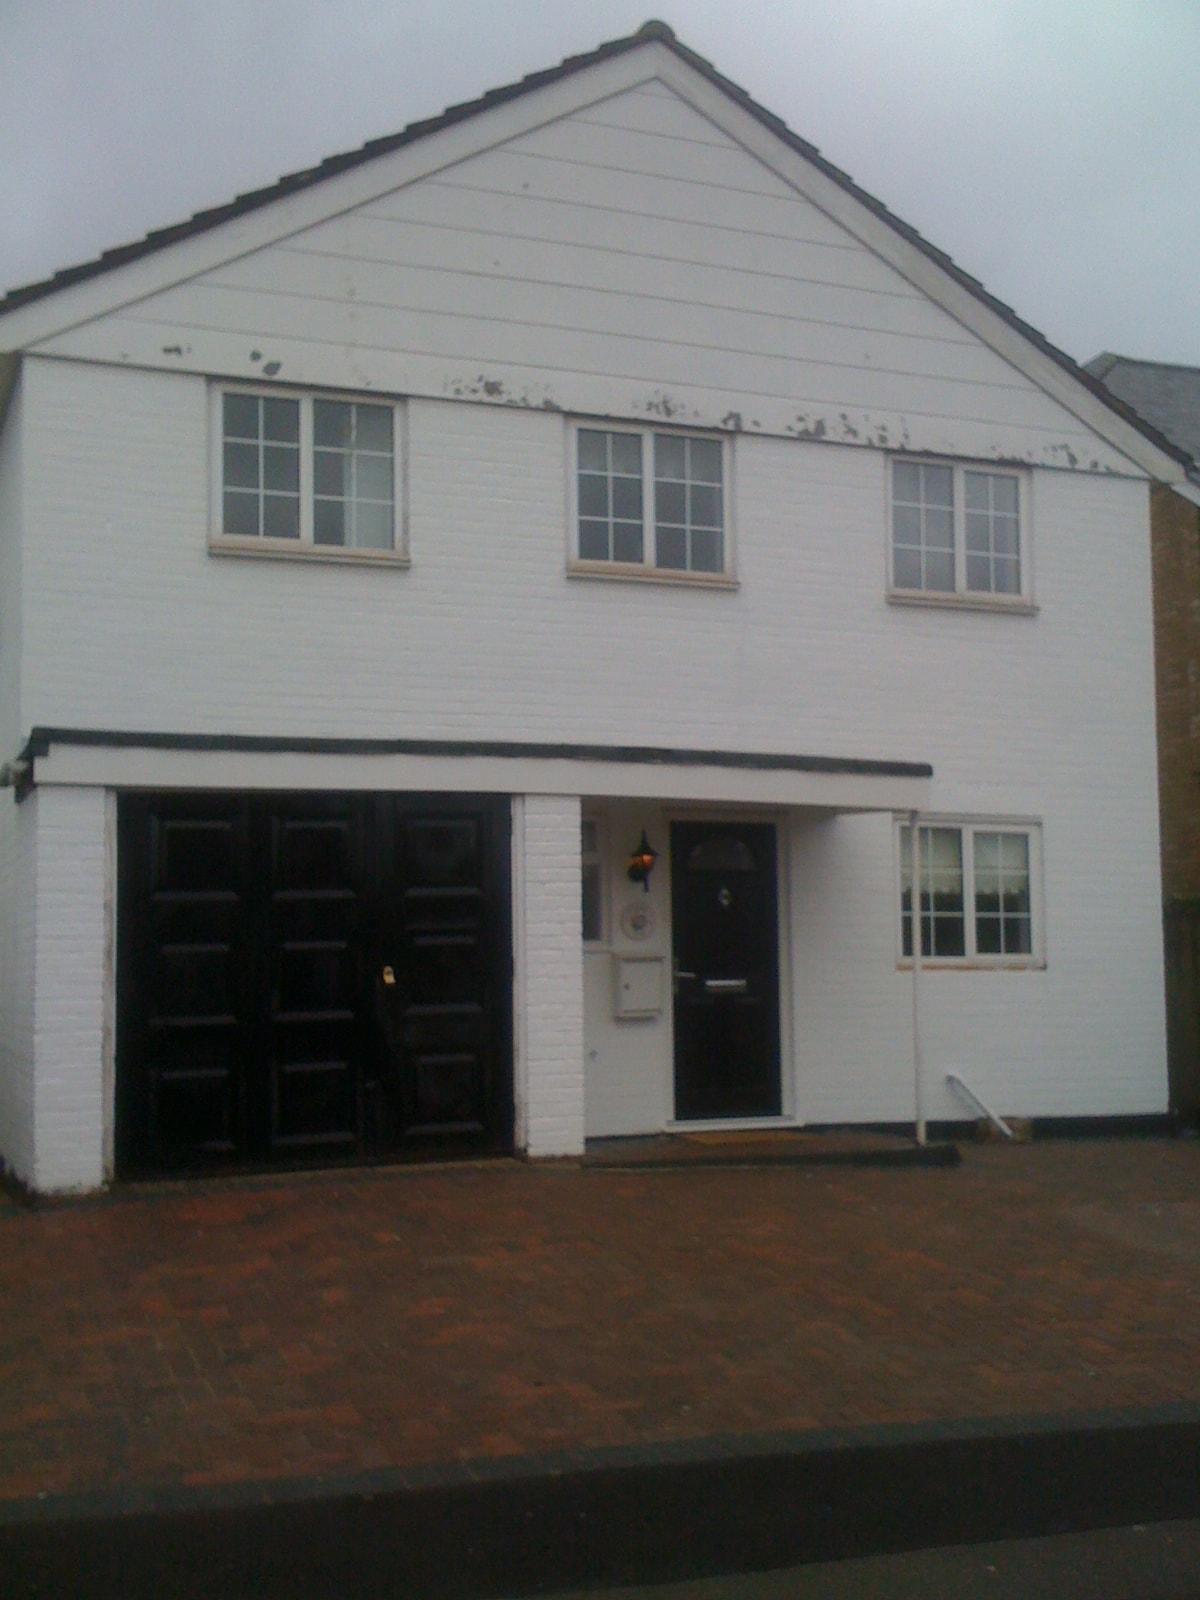 4 Bedroomed Home in Sevenoaks, Kent